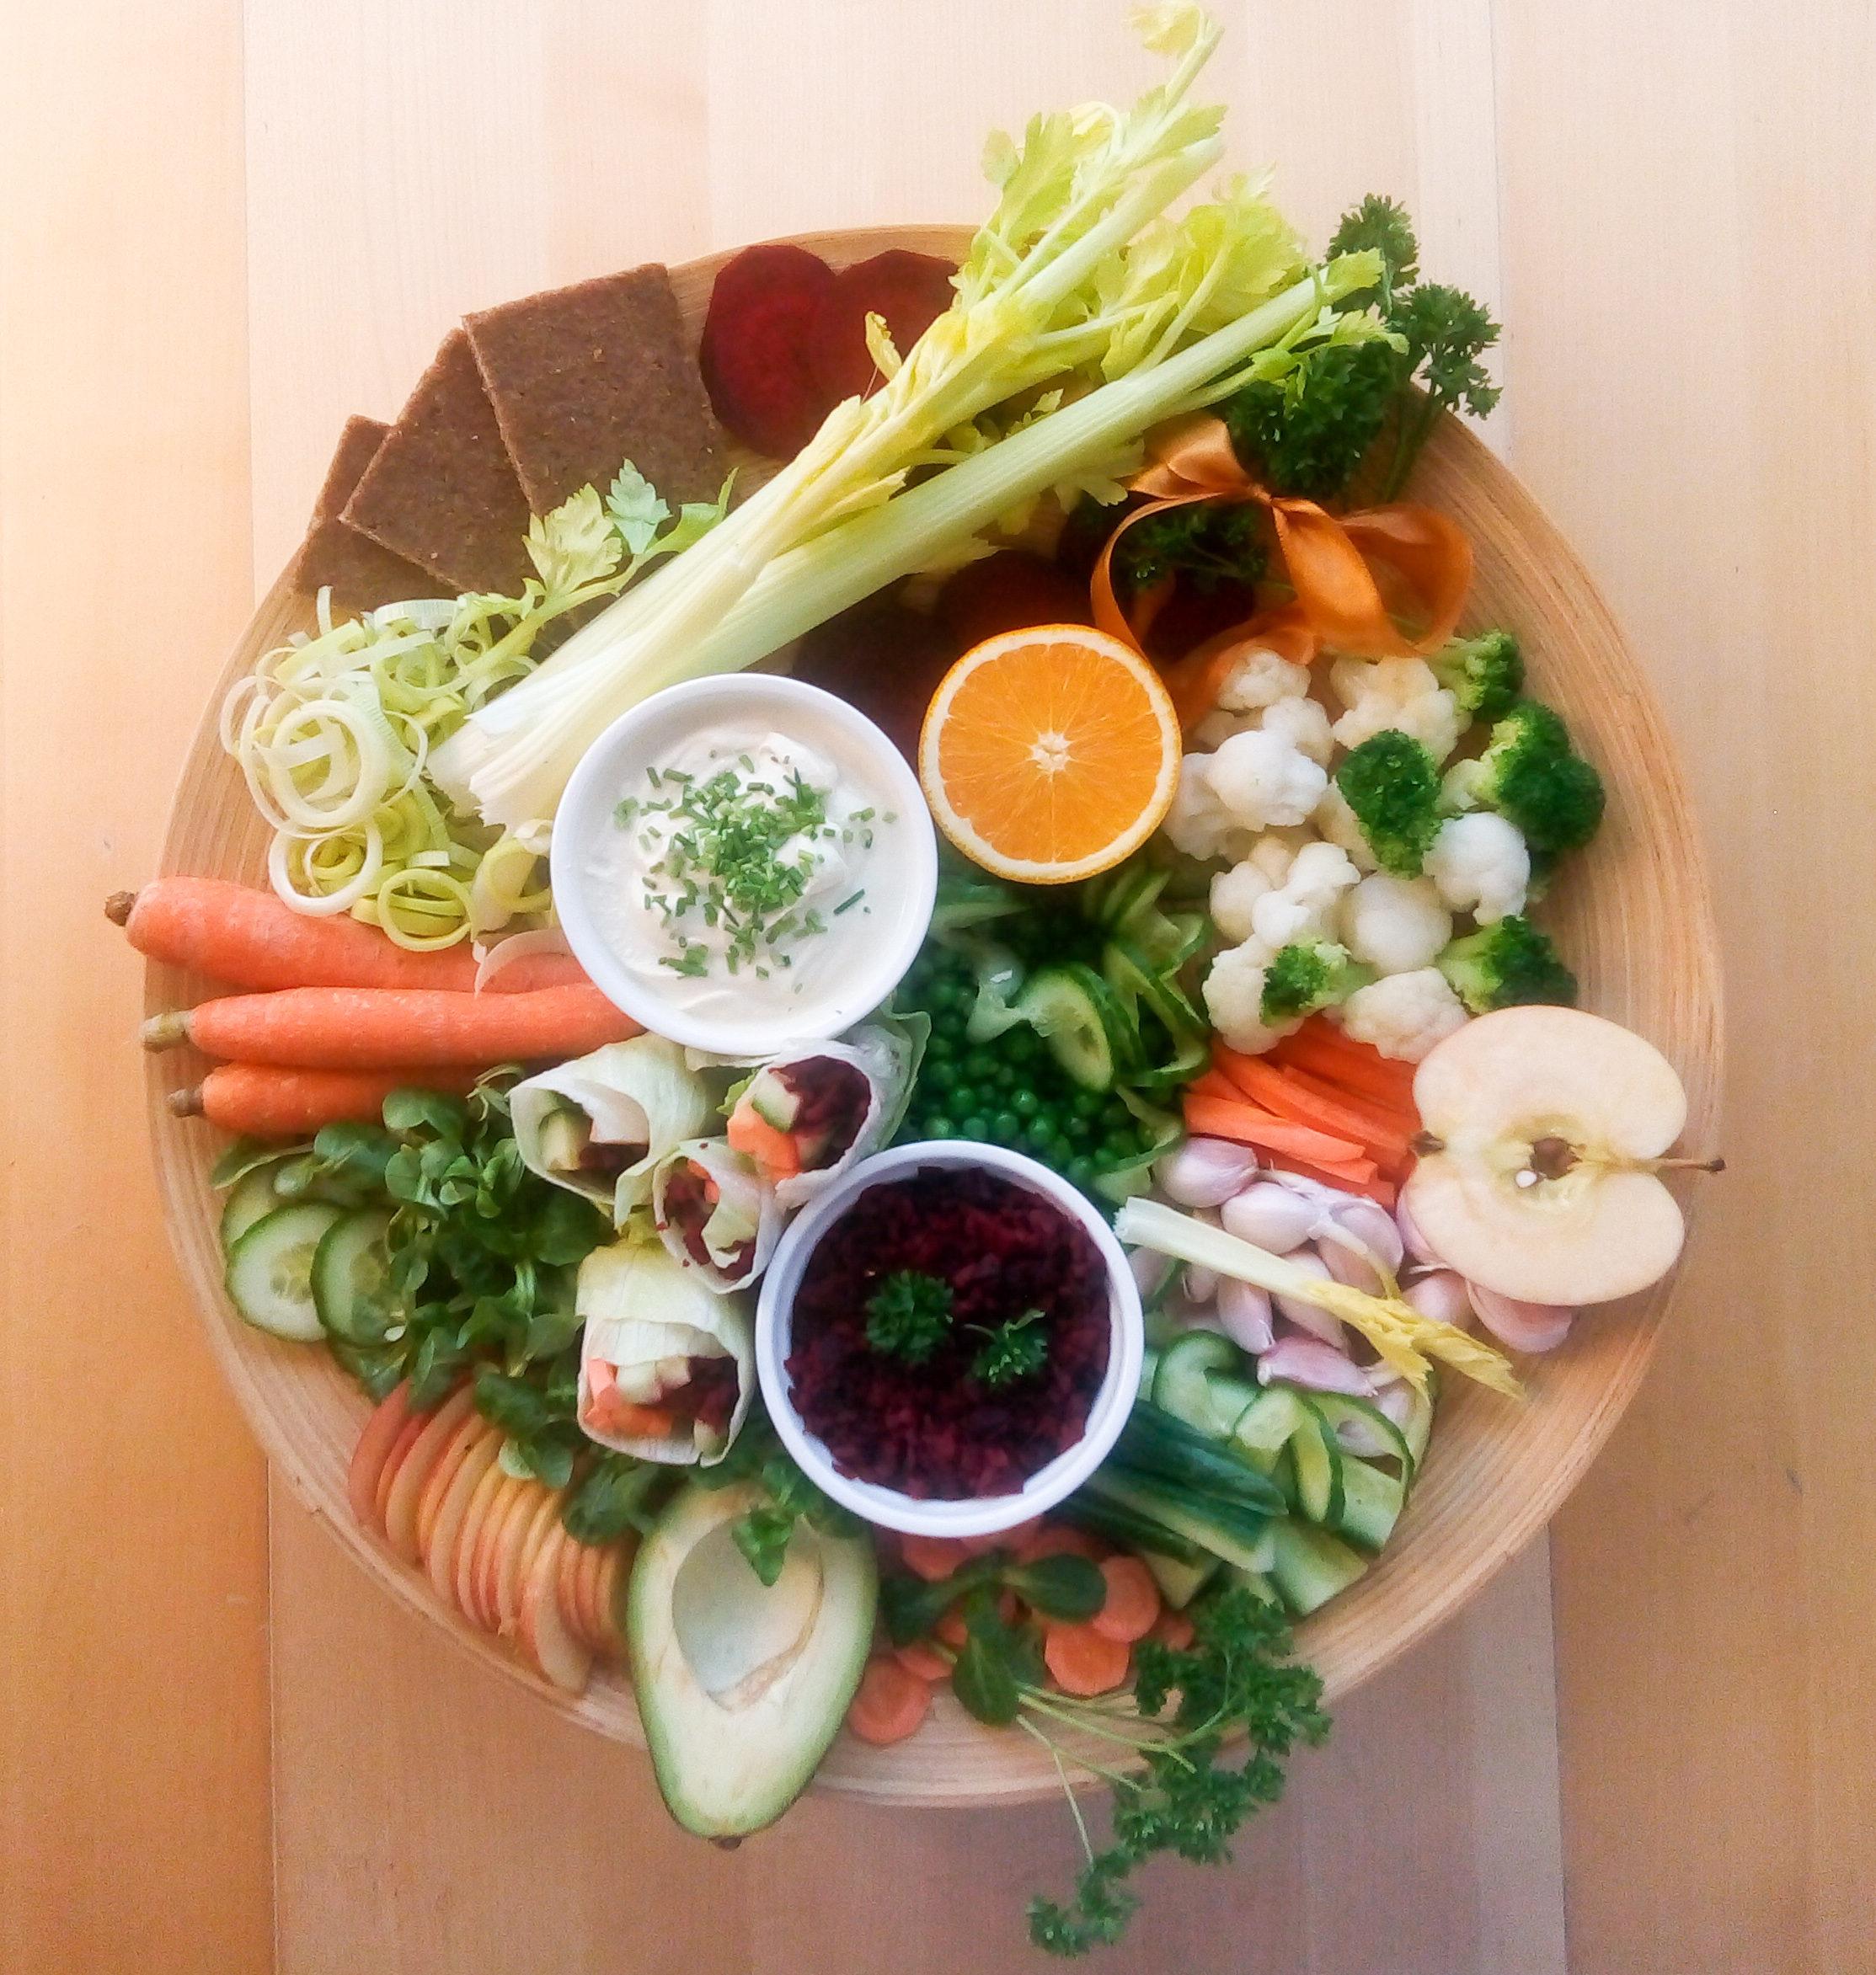 Spring eating platter